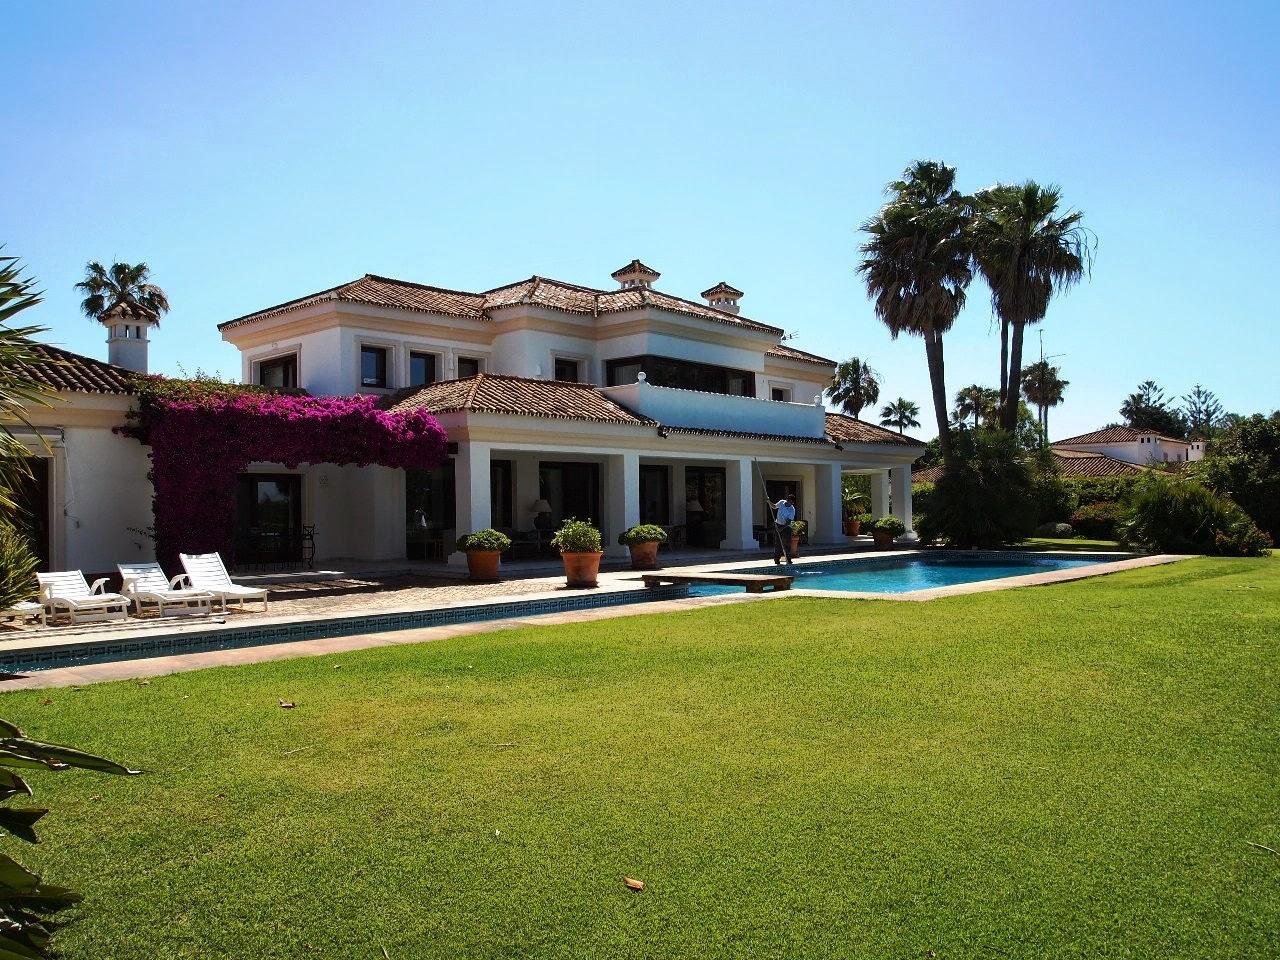 Sotogrande Spain  city photos gallery : Sotogrande Spain Millionaire location Villa on Sotogrande Real Golf ...